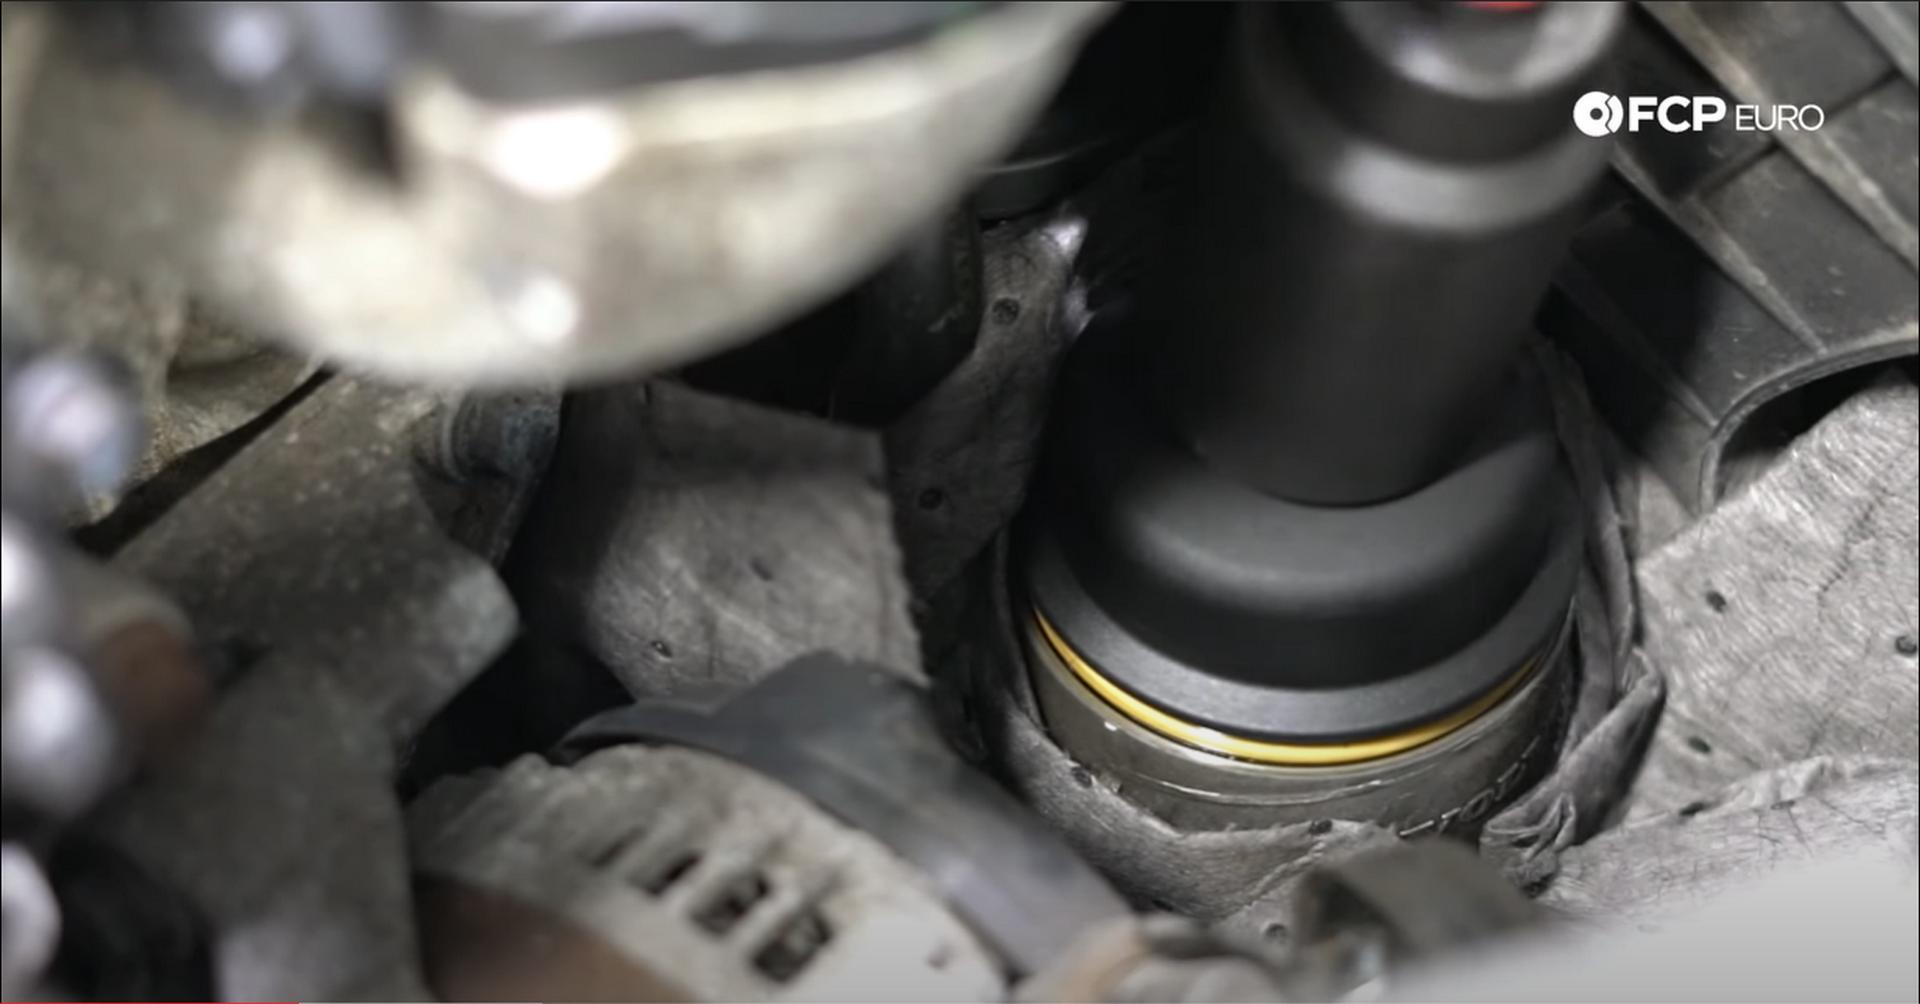 03_DIY_Volvo_Oil_Change-Loosening-Filter-Cap